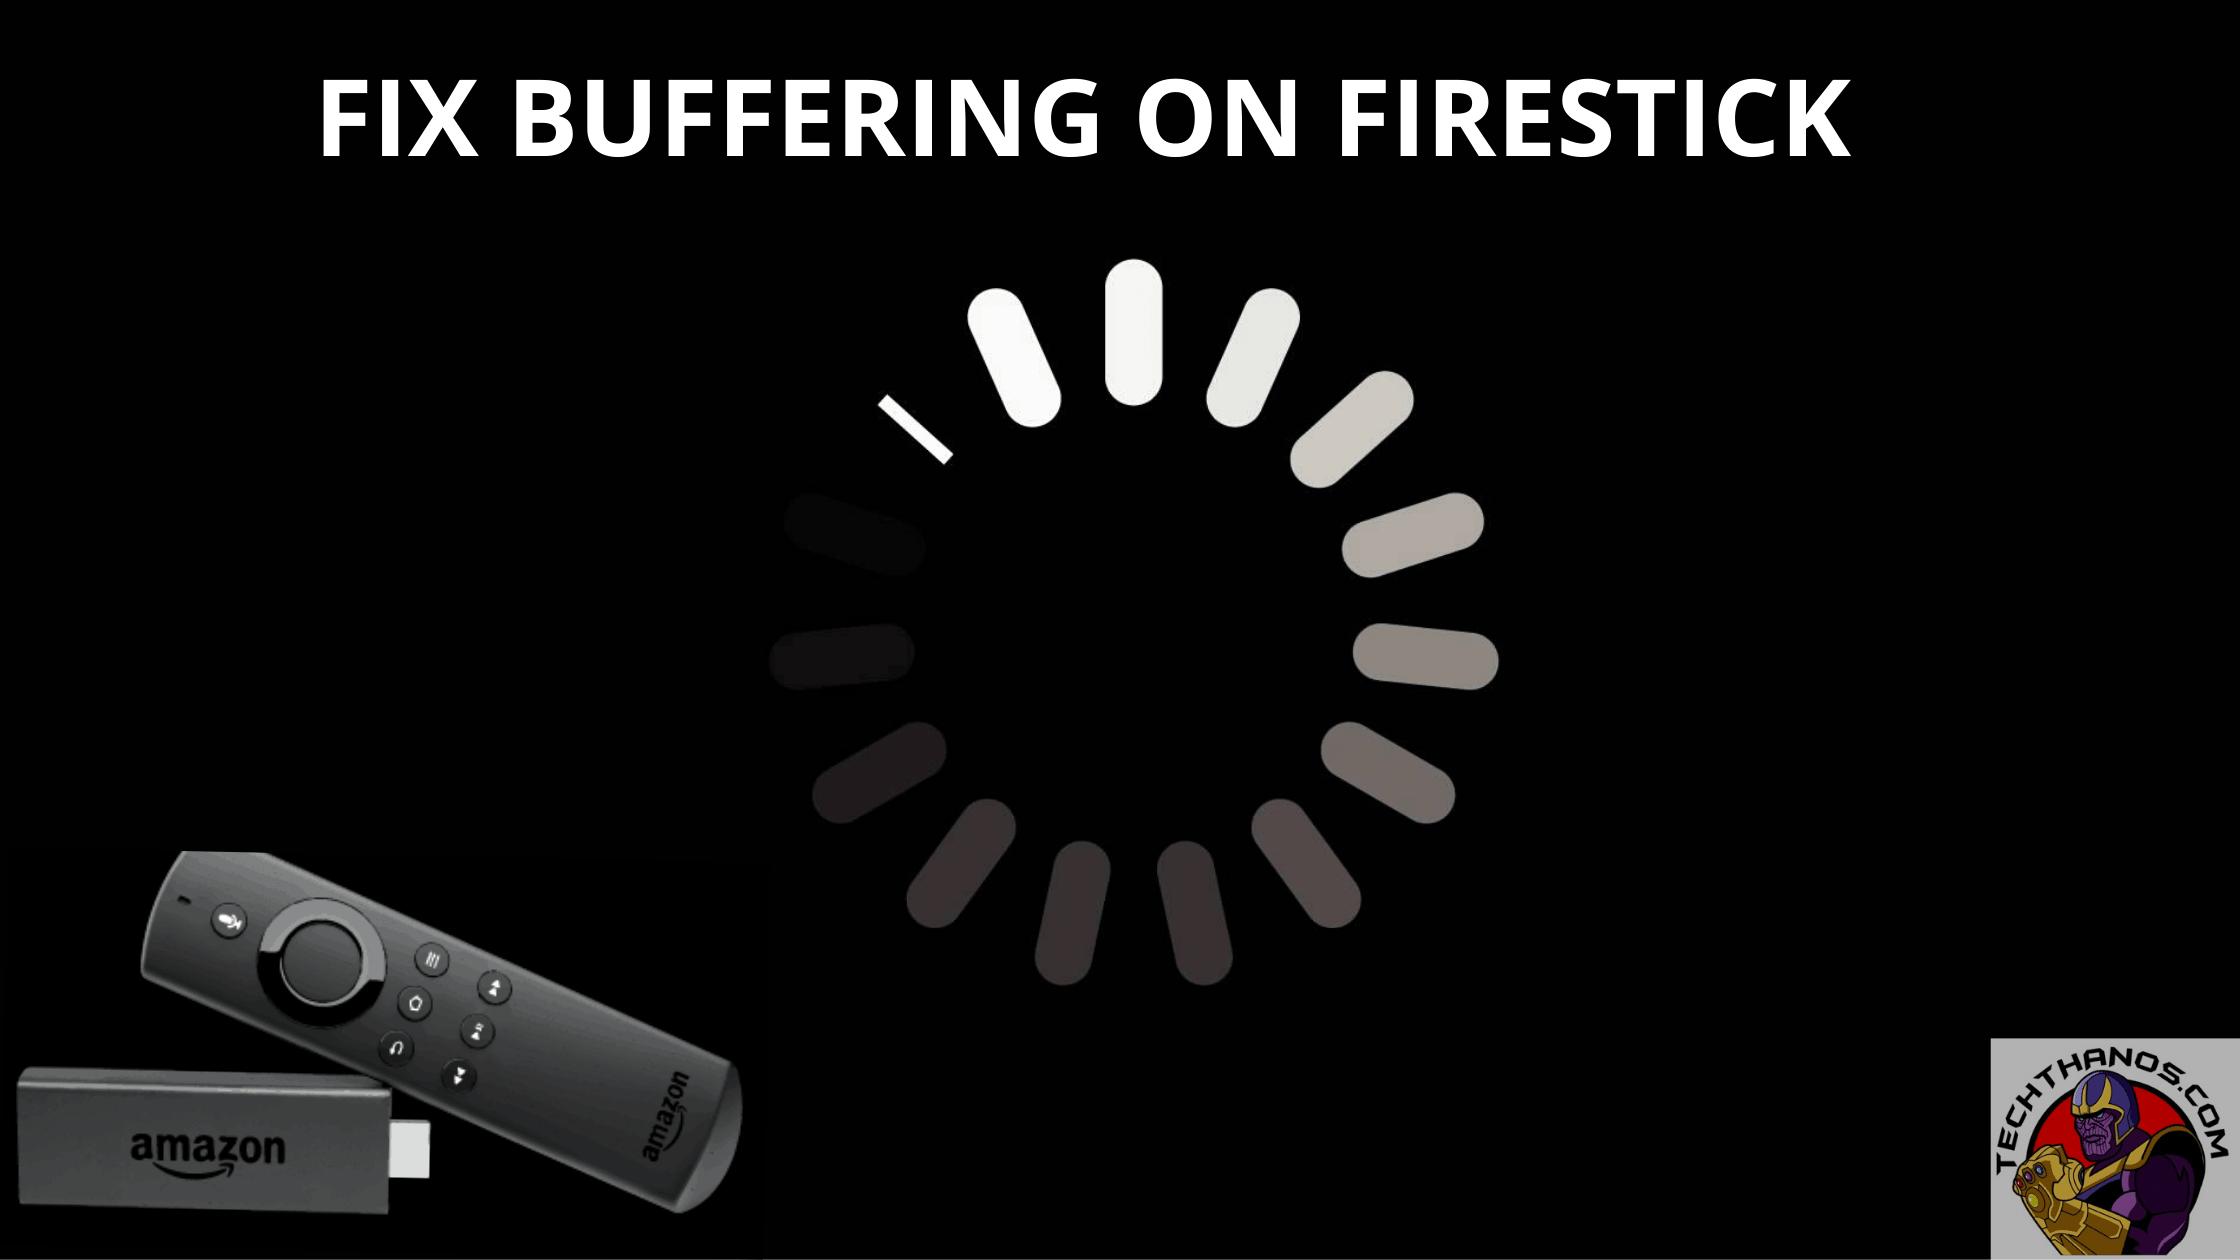 FIX BUFFERING ON FIRESTICK